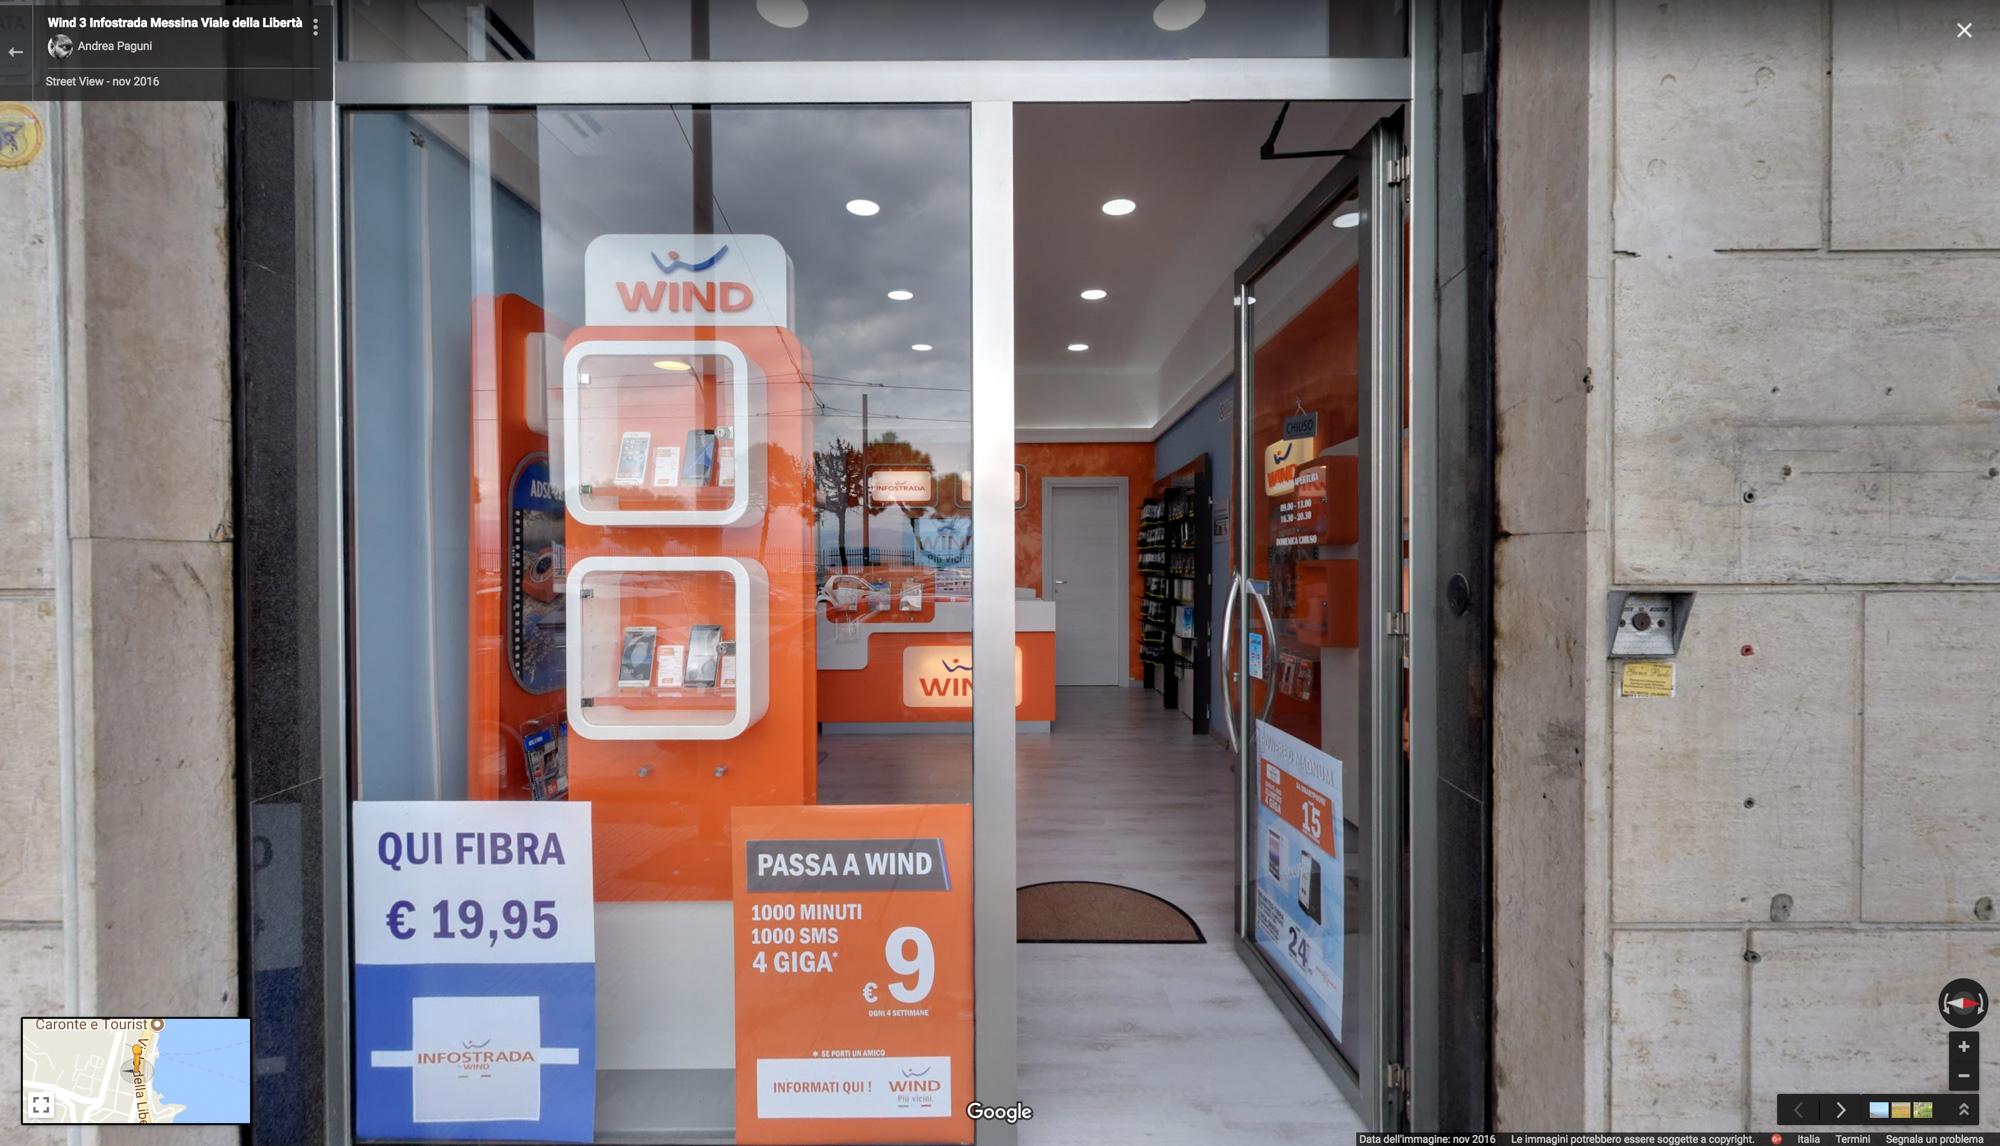 Wind 3 Infostrada Messina Viale della Libertà